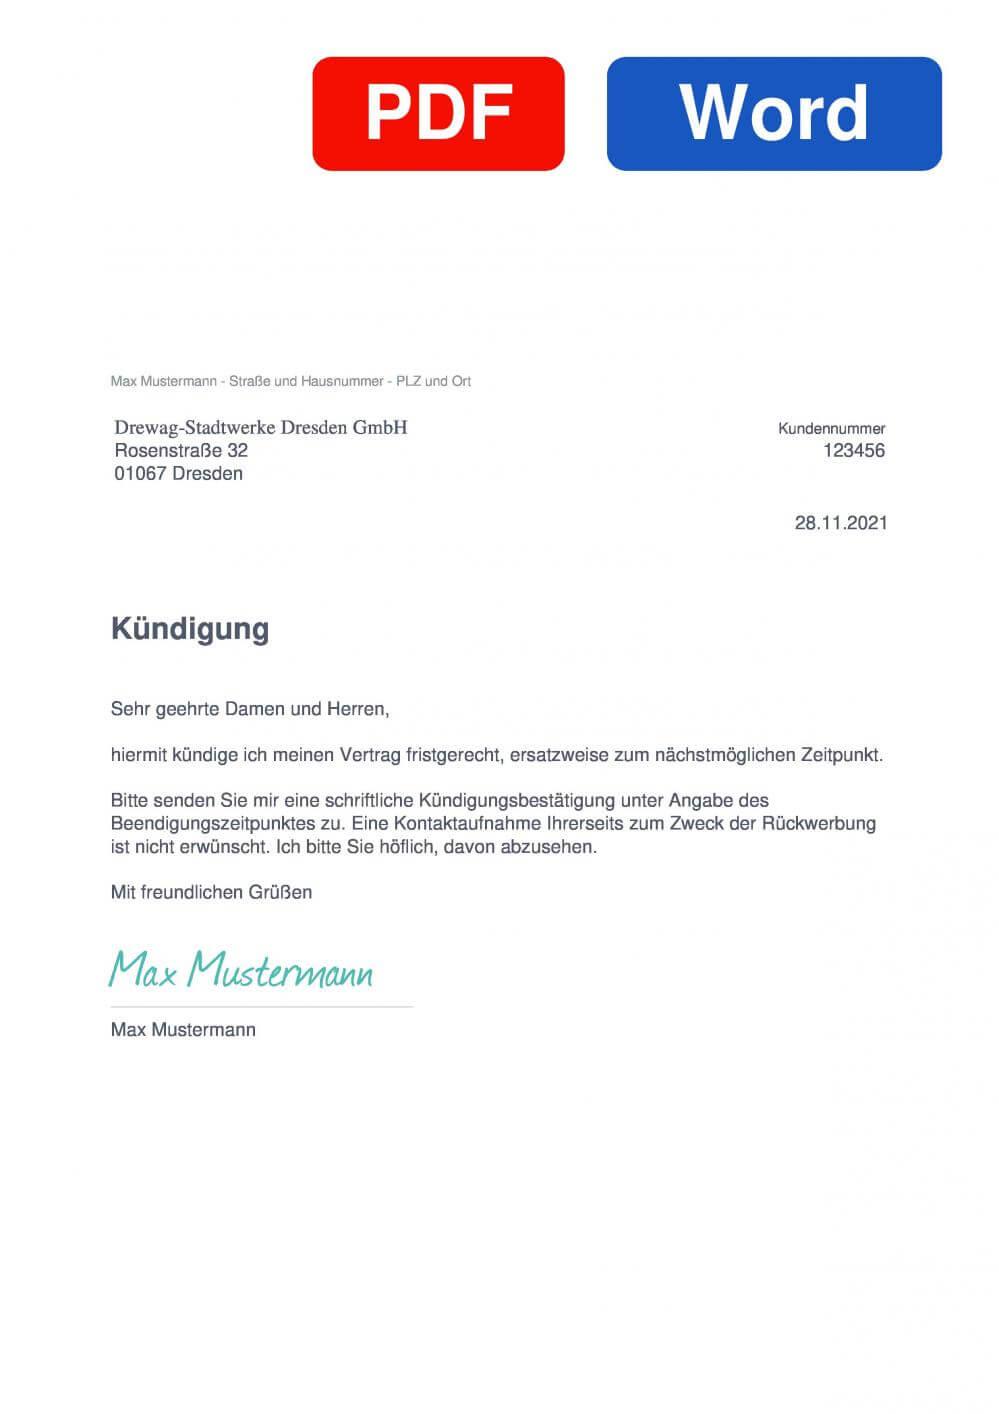 DREWAG Muster Vorlage für Kündigungsschreiben